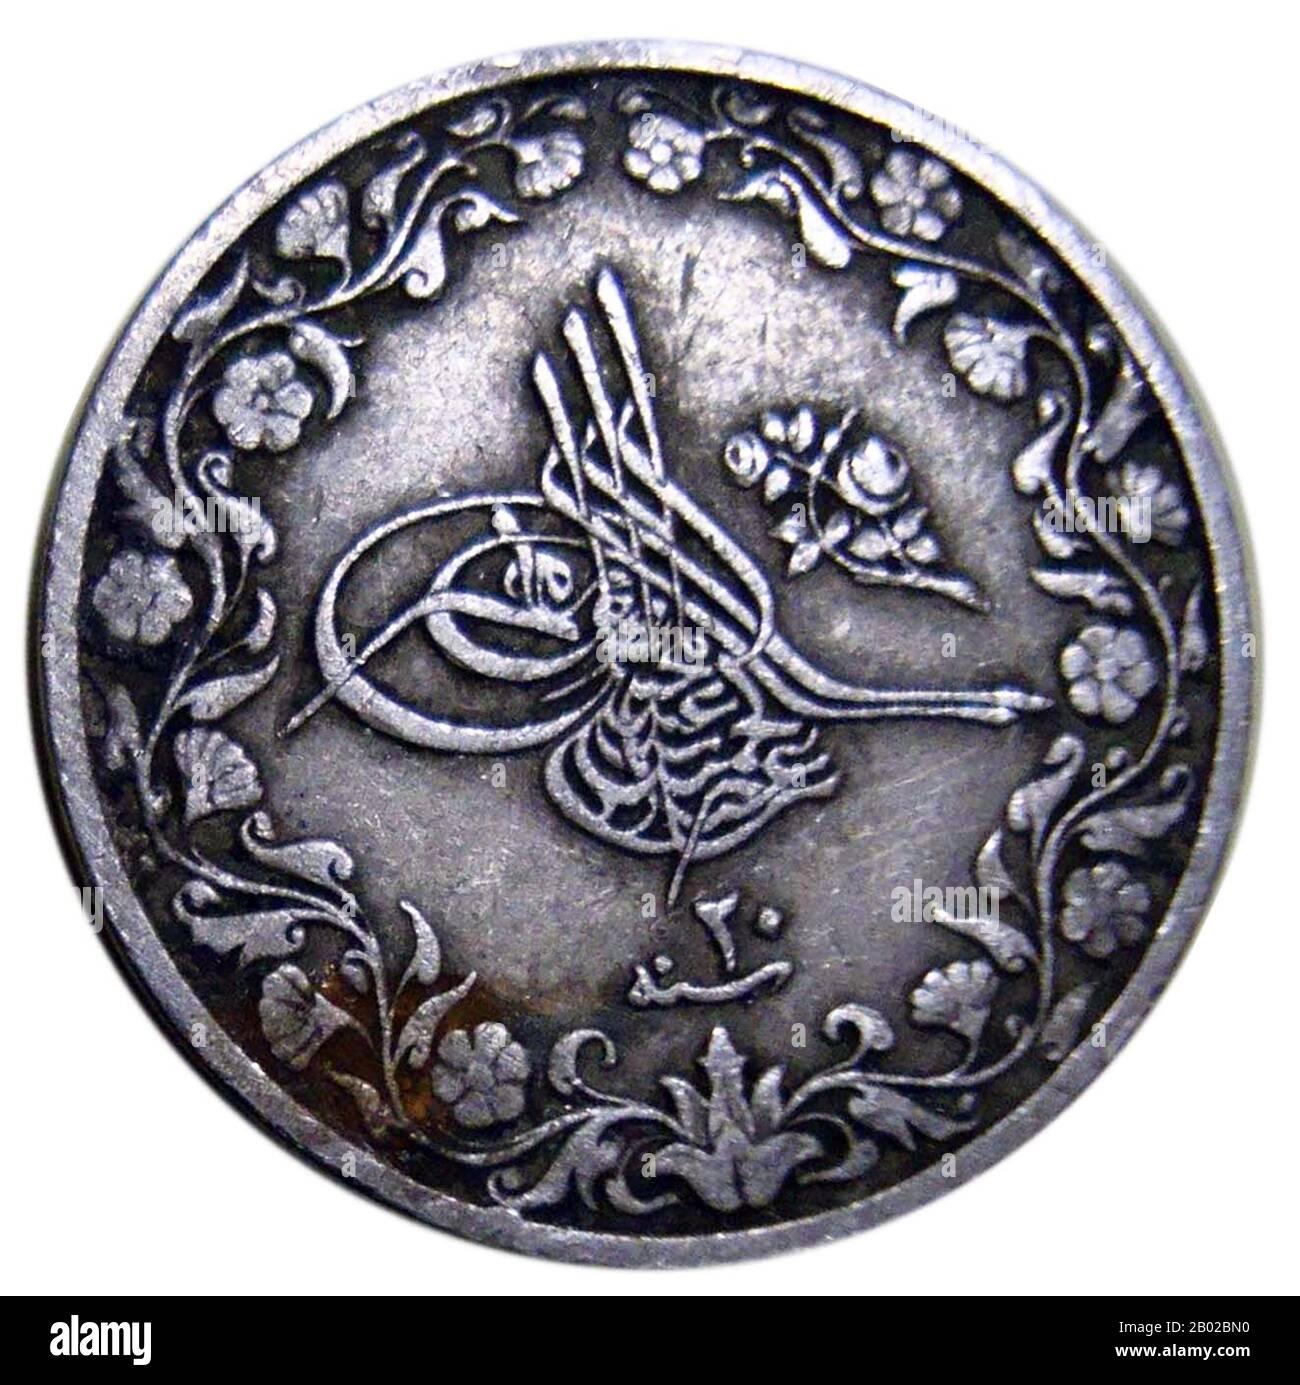 Abdulhamid II (turco otomano: عبد الحميد ثانی 'Abdü'l-Ḥamīd-i sânî, turco: İkinci Abdülhamit) (22 de septiembre de 1842 – 10 de febrero de 1918) fue el 99 califa del Islam y el 34 sultán del Imperio Otomano. Fue el último sultán en ejercer un control efectivo sobre el Imperio Otomano. Supervisó un período de decadencia en el poder y la extensión del Imperio, que gobernó desde el 31 de agosto de 1876 hasta que fue depuesto el 27 de abril de 1909. Fue sucedido por Mehmed V. Su deposición después de la Revolución de los Turcos jóvenes fue aclamada por la mayoría de los ciudadanos otomanos, que acogieron con beneplácito el regreso al gobierno constitucional. Durante su te Foto de stock